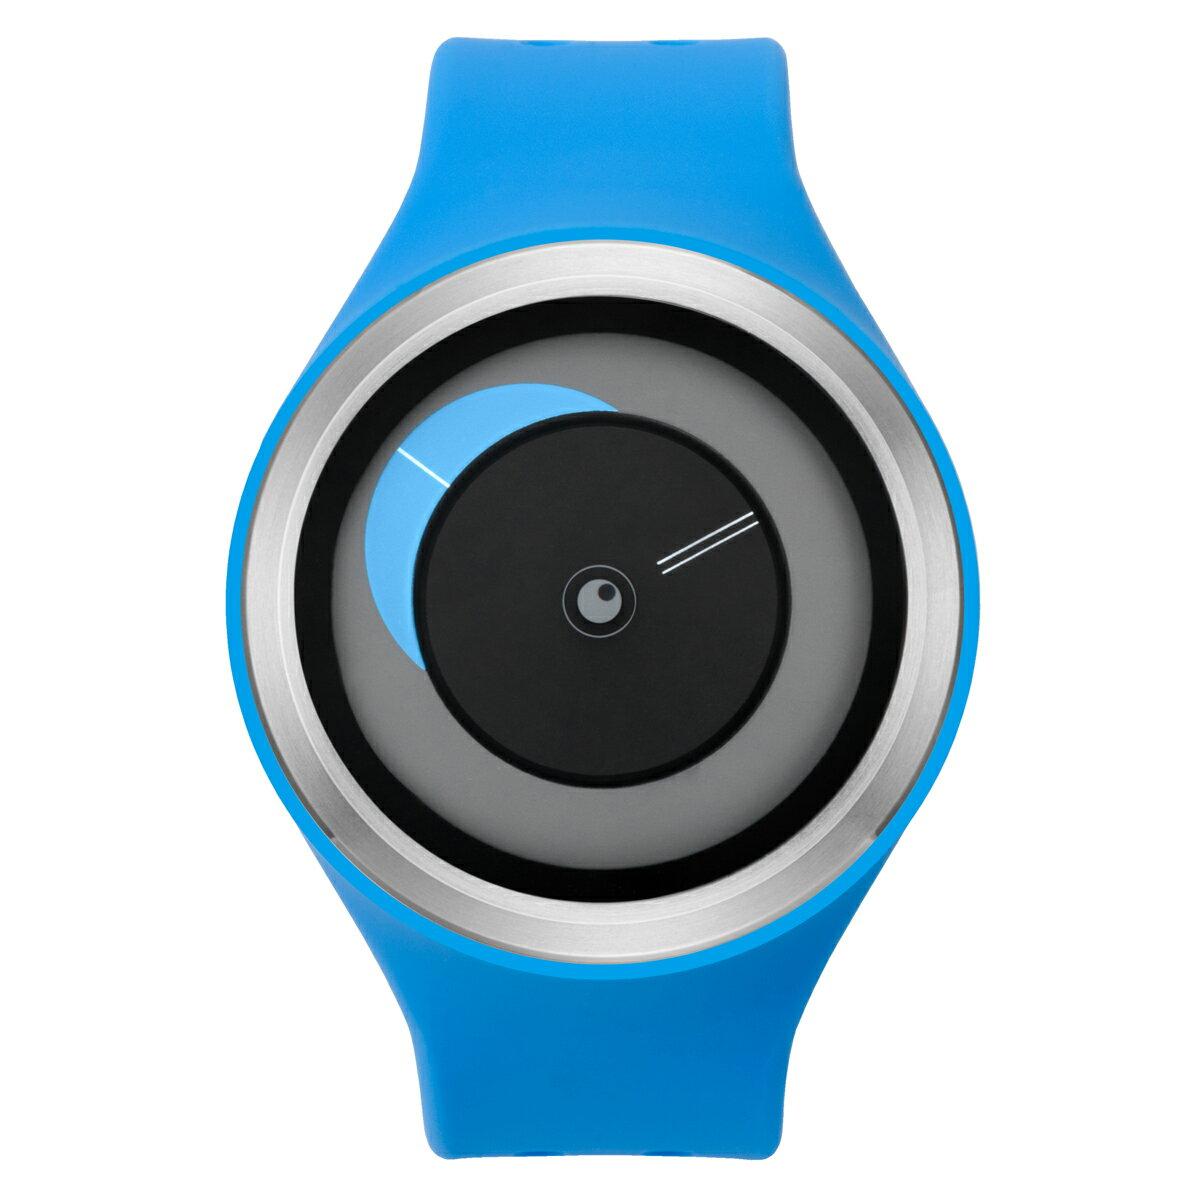 ZEROO CRESCENT MOON ゼロ 電池式クォーツ 腕時計 [W01101B01SR04] ブルー デザインウォッチ ペア用 メンズ レディース ユニセックス おしゃれ時計 デザイナーズ